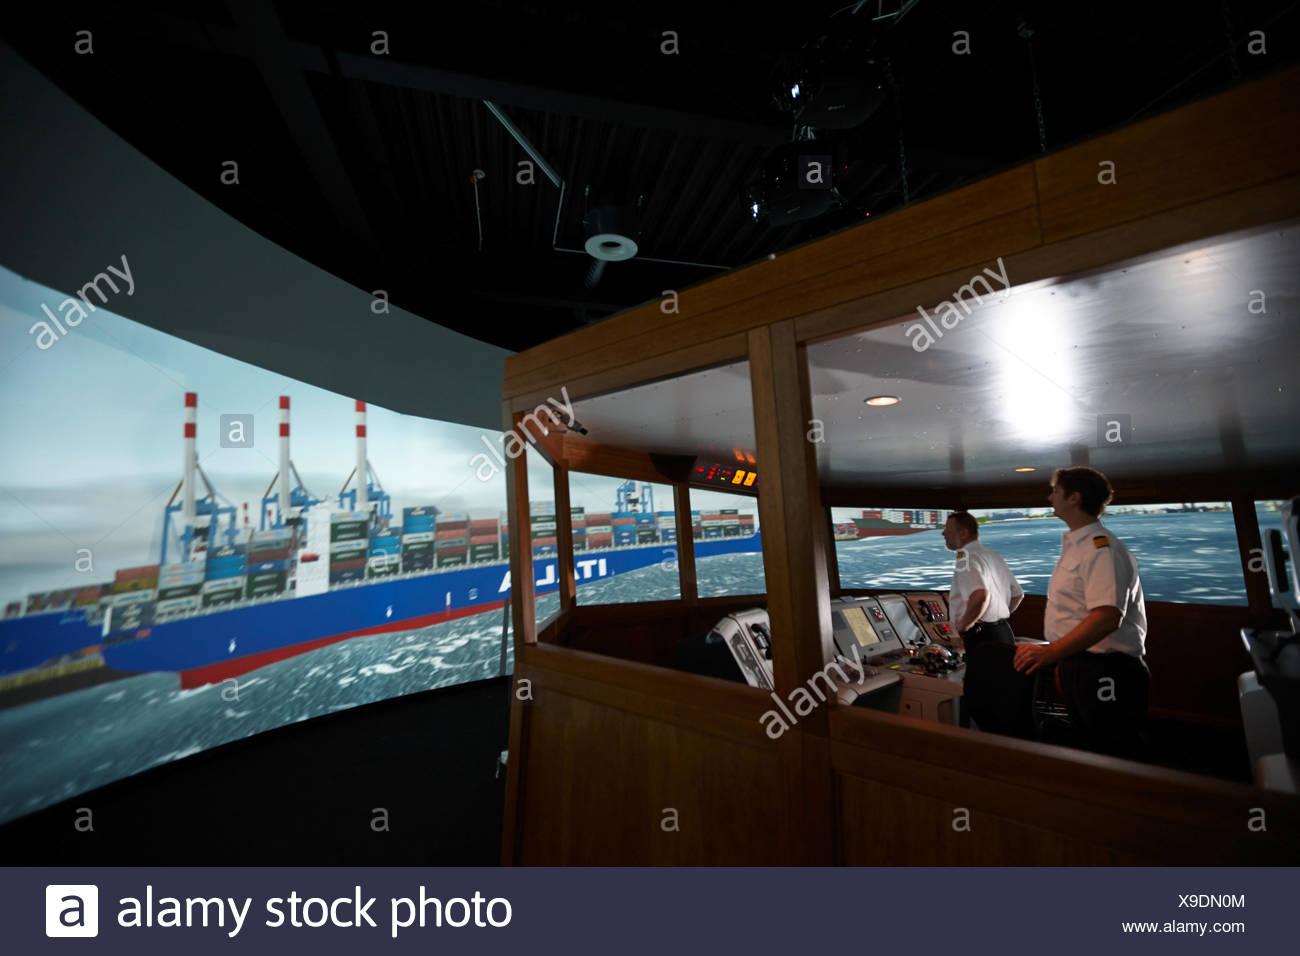 Captains at the MTC shiphandling simulator, Marine Training Center, Hamburg, Germany - Stock Image